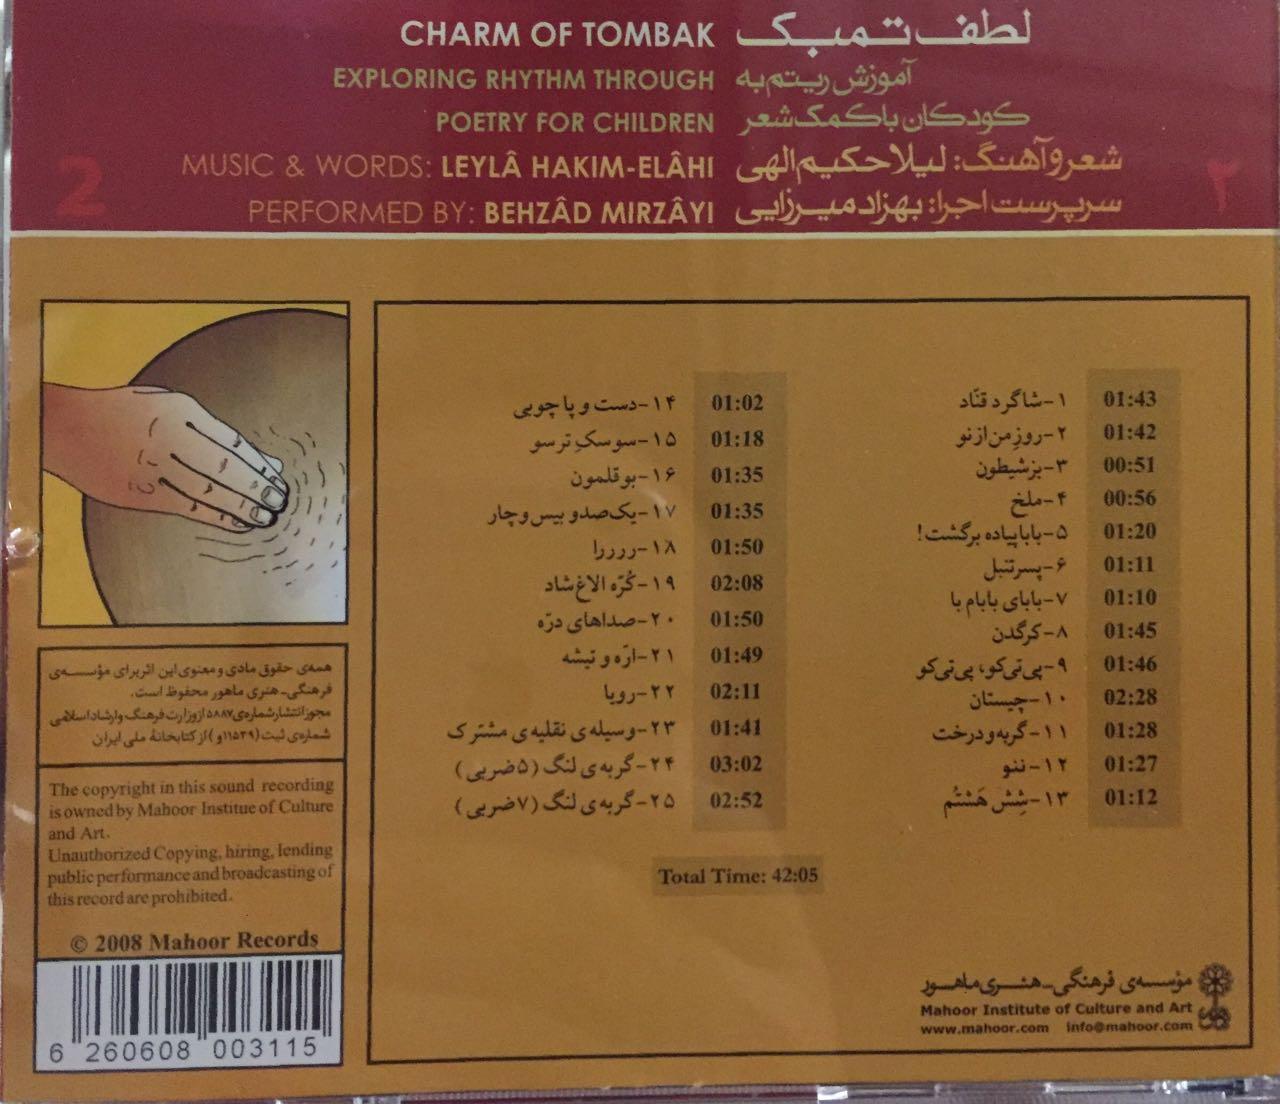 آلبوم لطف تنبک لیلا حکیم الهی فروشگاه آوای همنواز انتشارات ماهور - 6.jpg